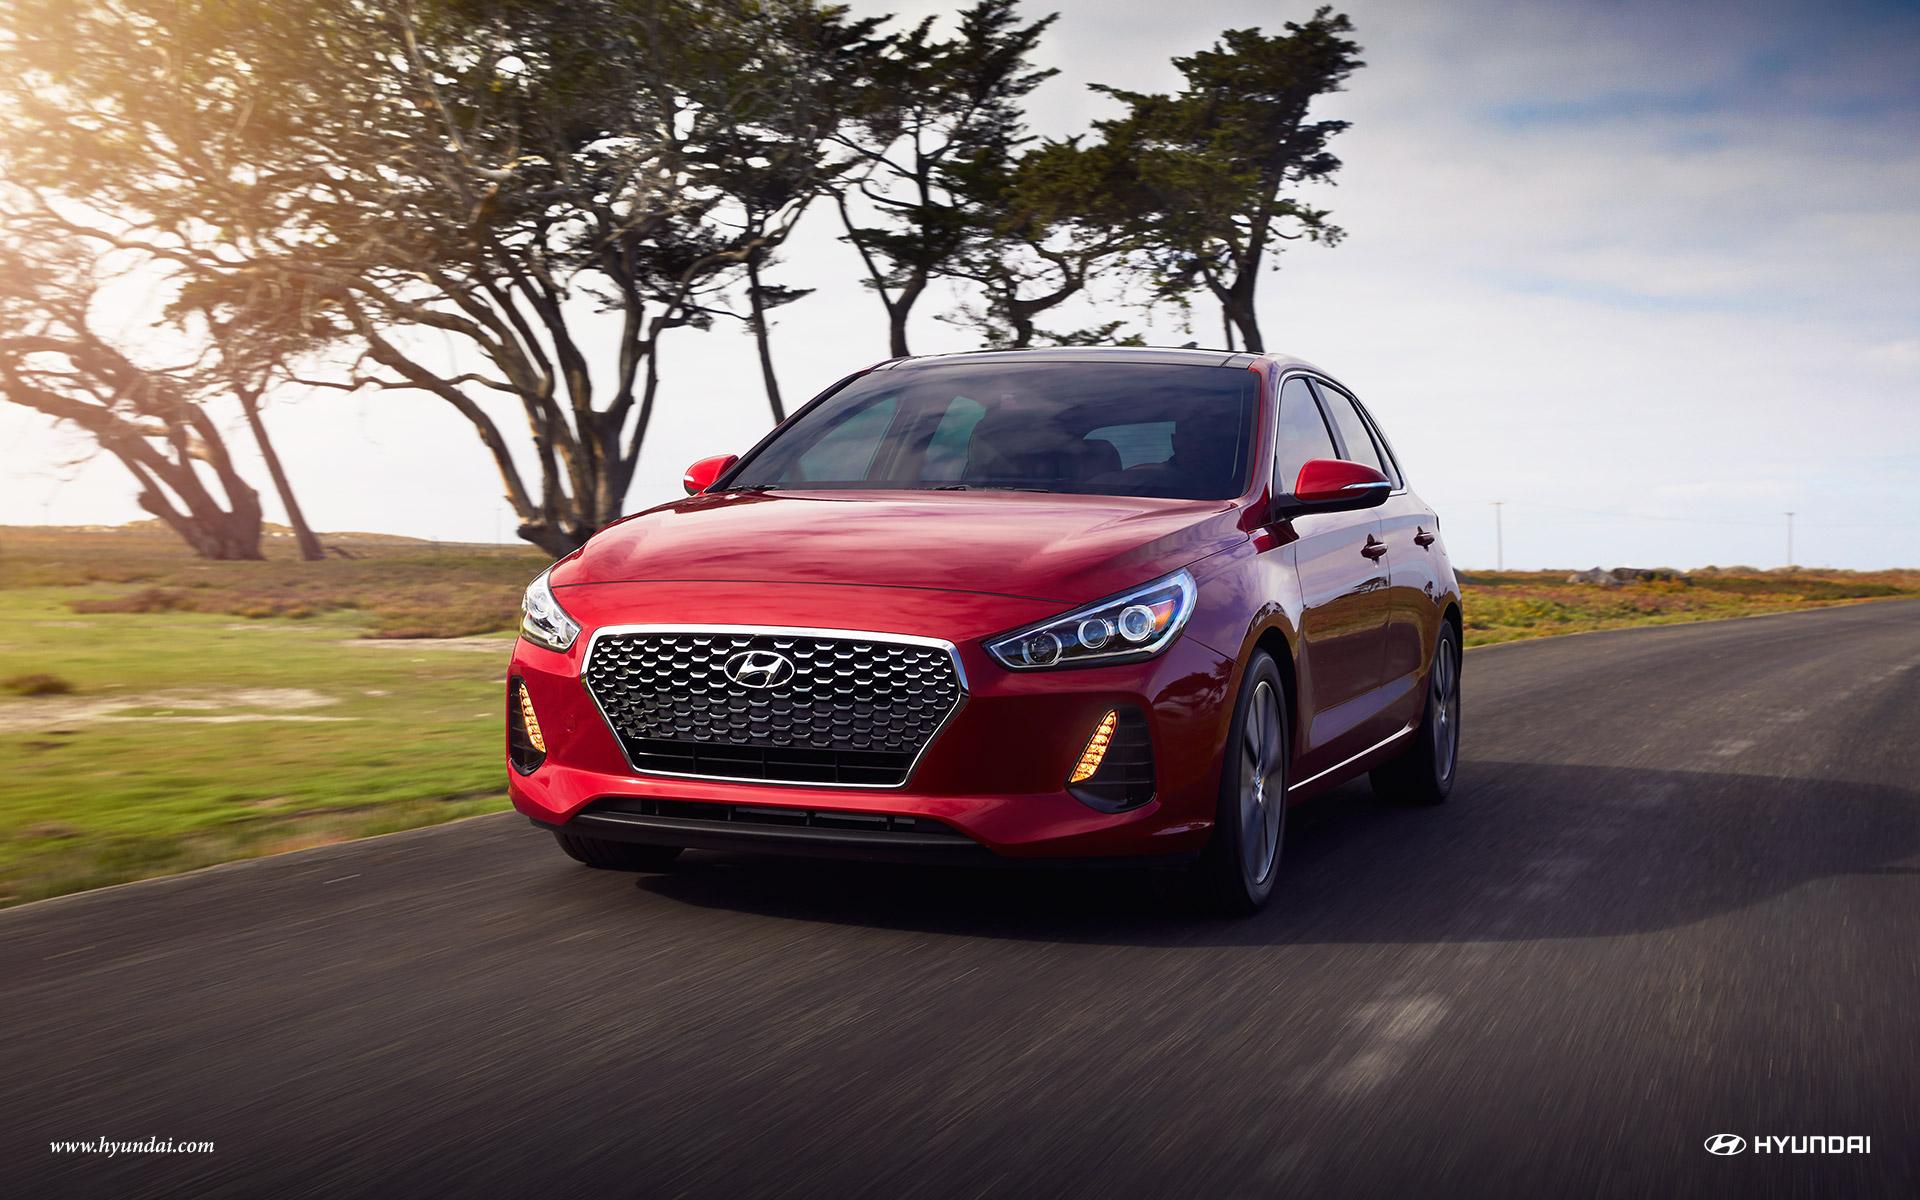 Hyundai Elantra GT Price & Lease Hyundai of Petaluma